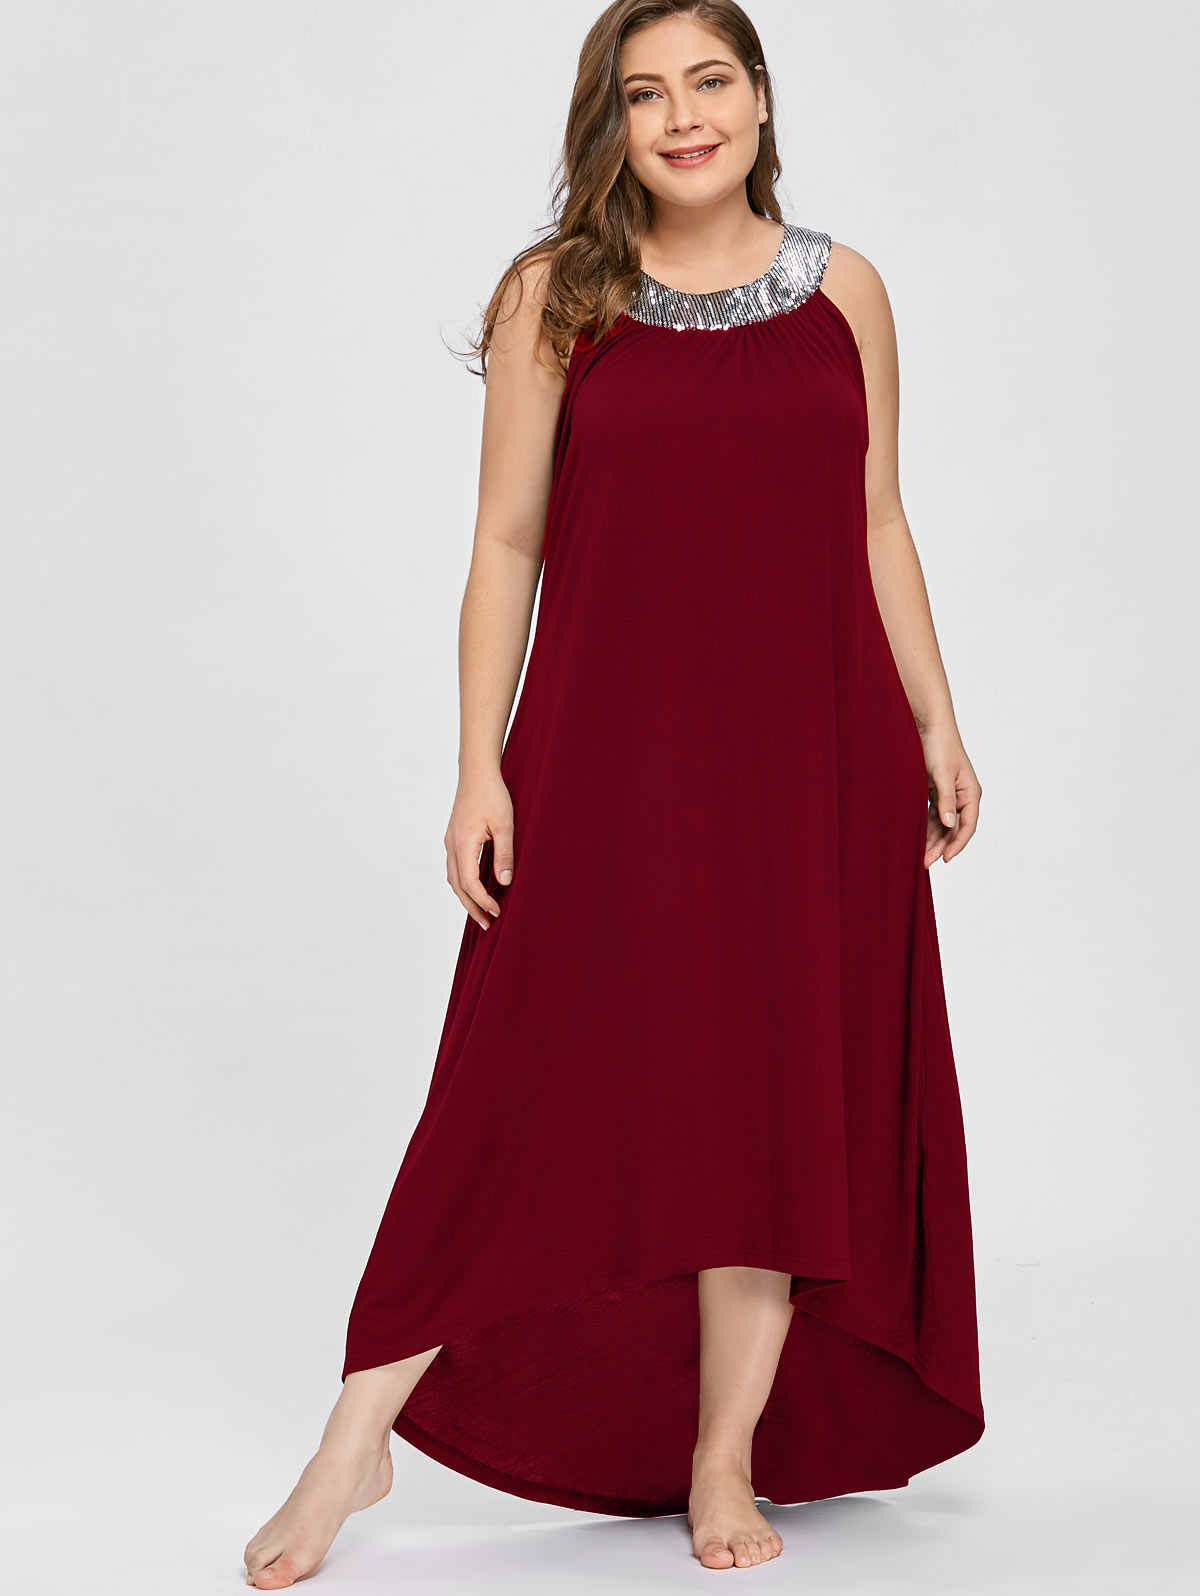 Wisalo/большие размеры 5XL, длинное платье макси без рукавов с блестками и воротником, женская одежда, сексуальное черное элегантное вечернее платье, Boho, Пляжное Платье